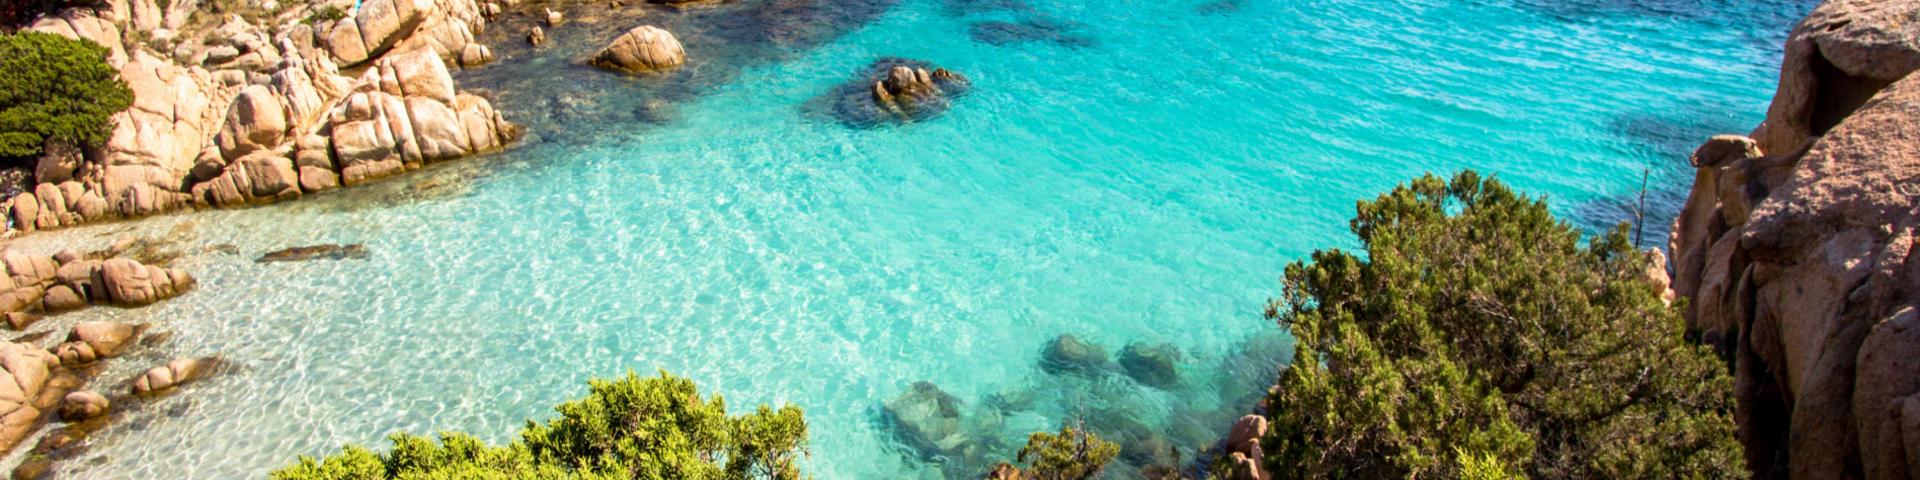 Spaß und Action auf Korsika